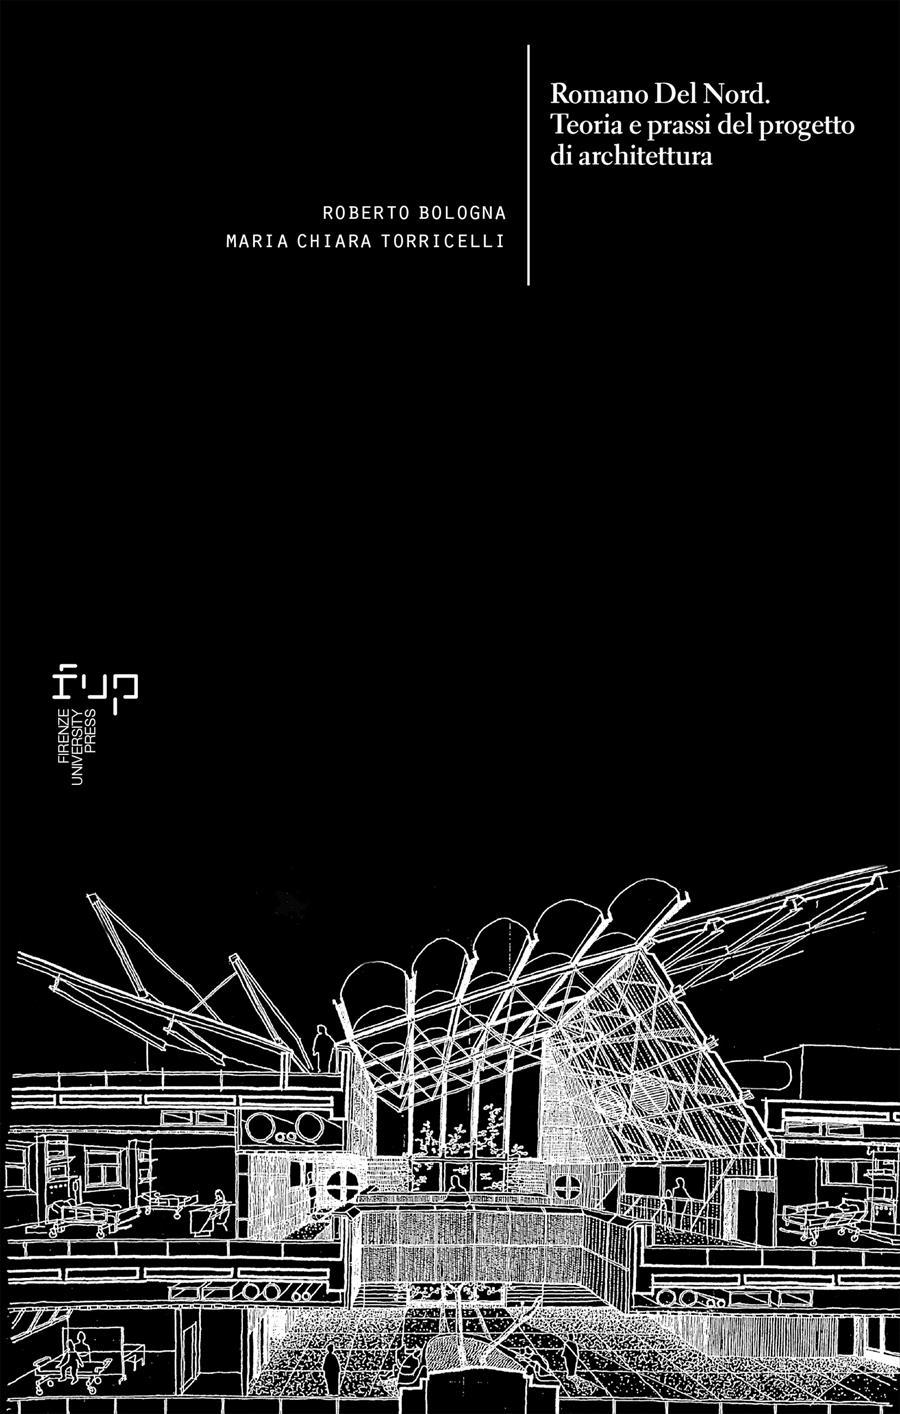 Romano Del Nord. Teoria e prassi del progetto di architettura